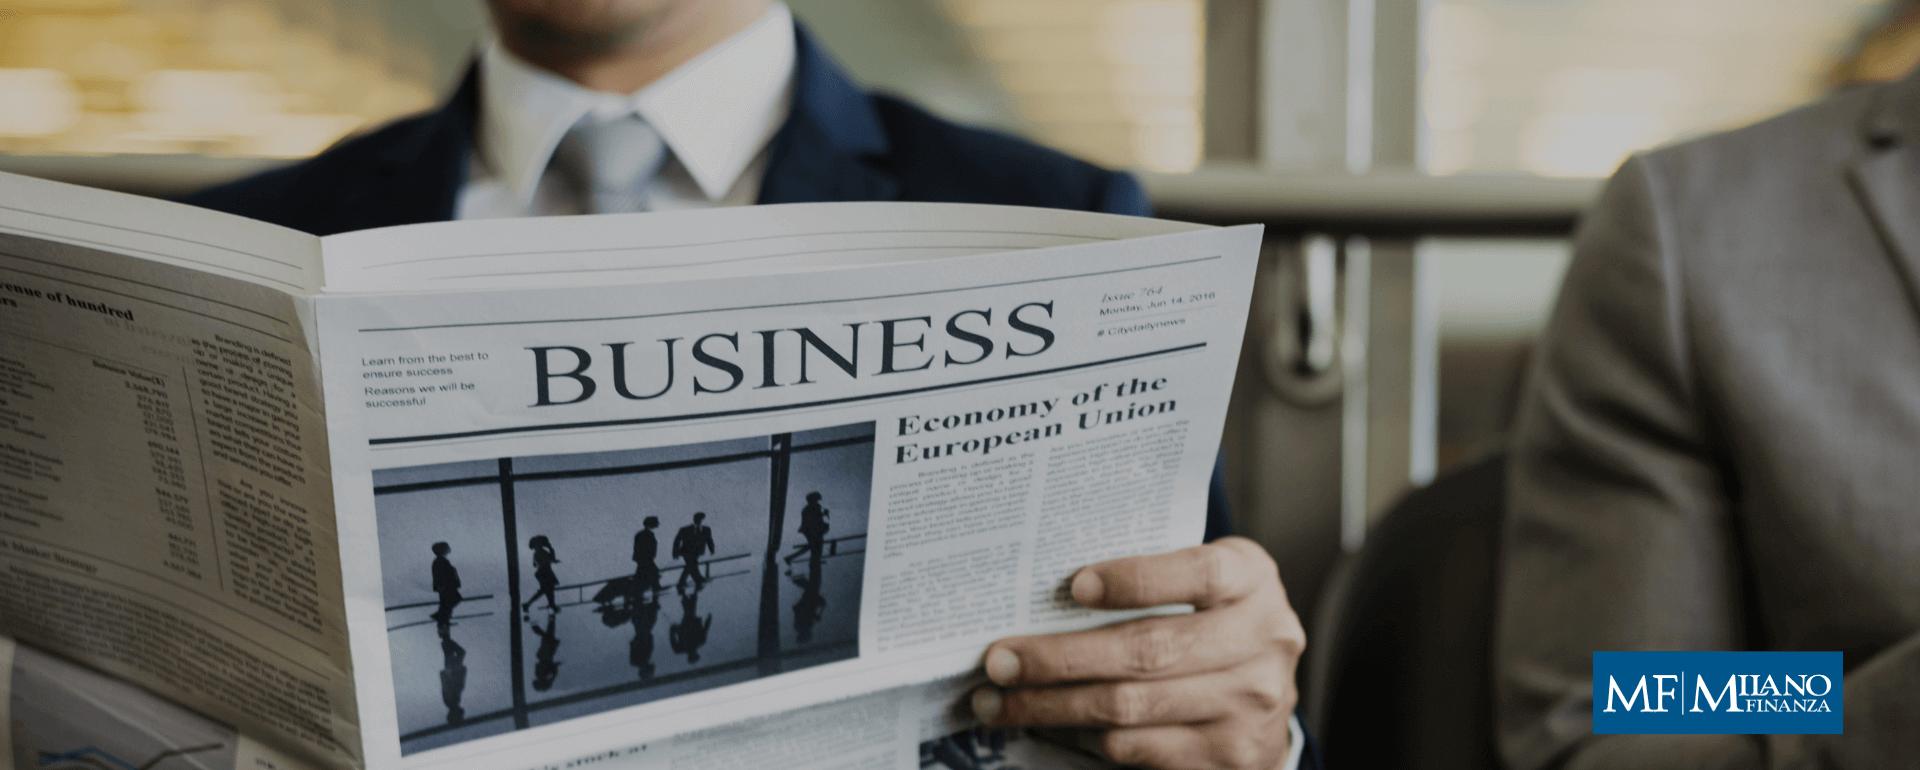 Milano Finanza racconta in un articolo le principali novità del Gruppo Holding